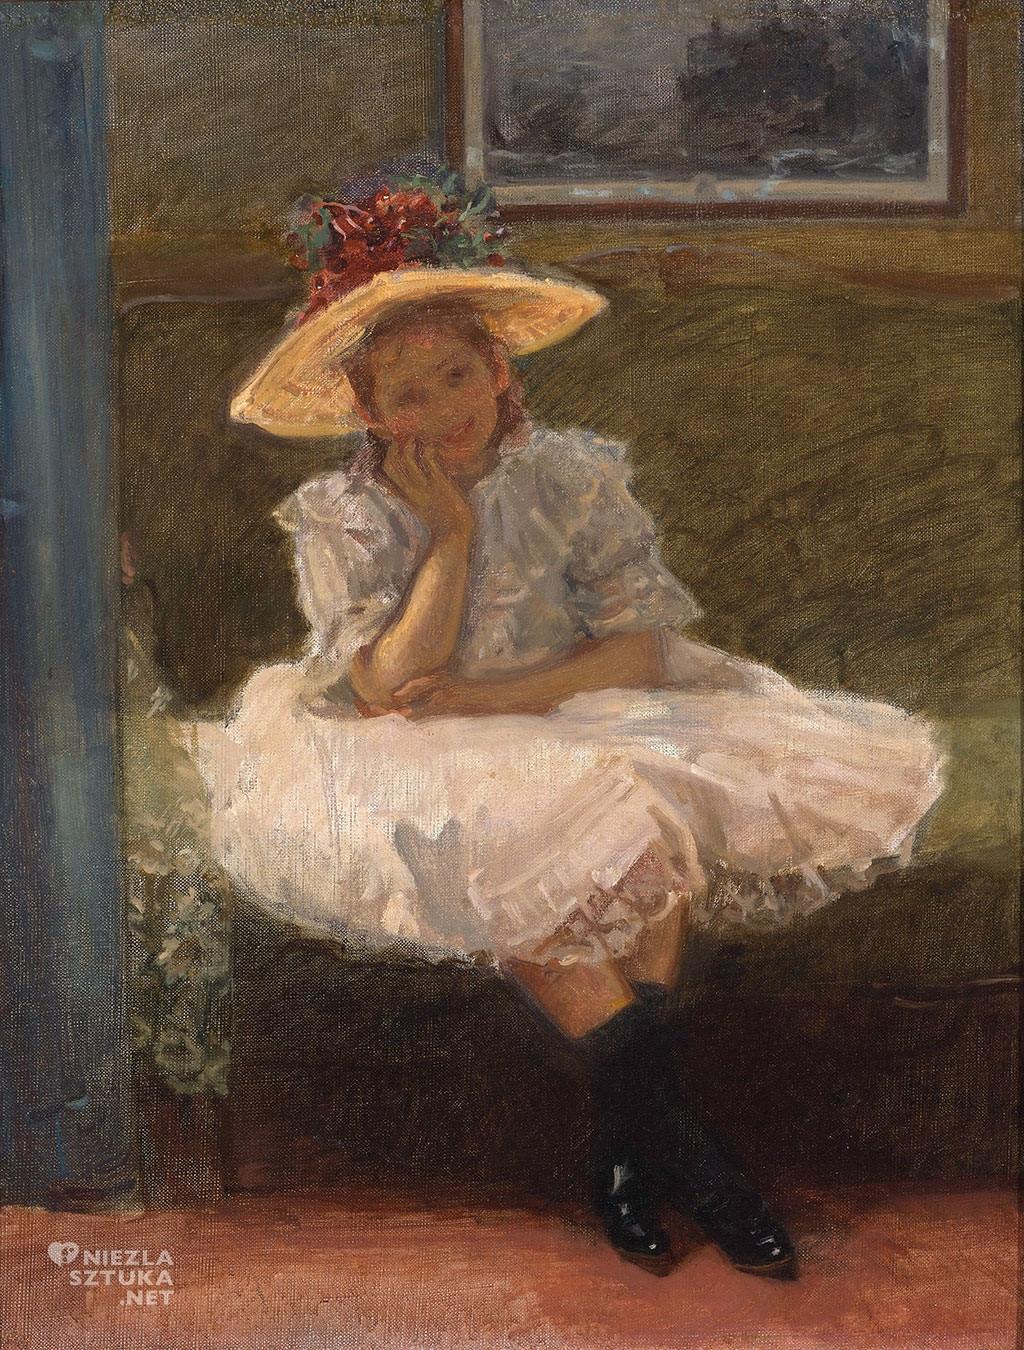 Władysław Podkowiński, Dziewczynka w kapeluszu, dziecko w sztuce, malarstwo polskie, Niezła sztuka